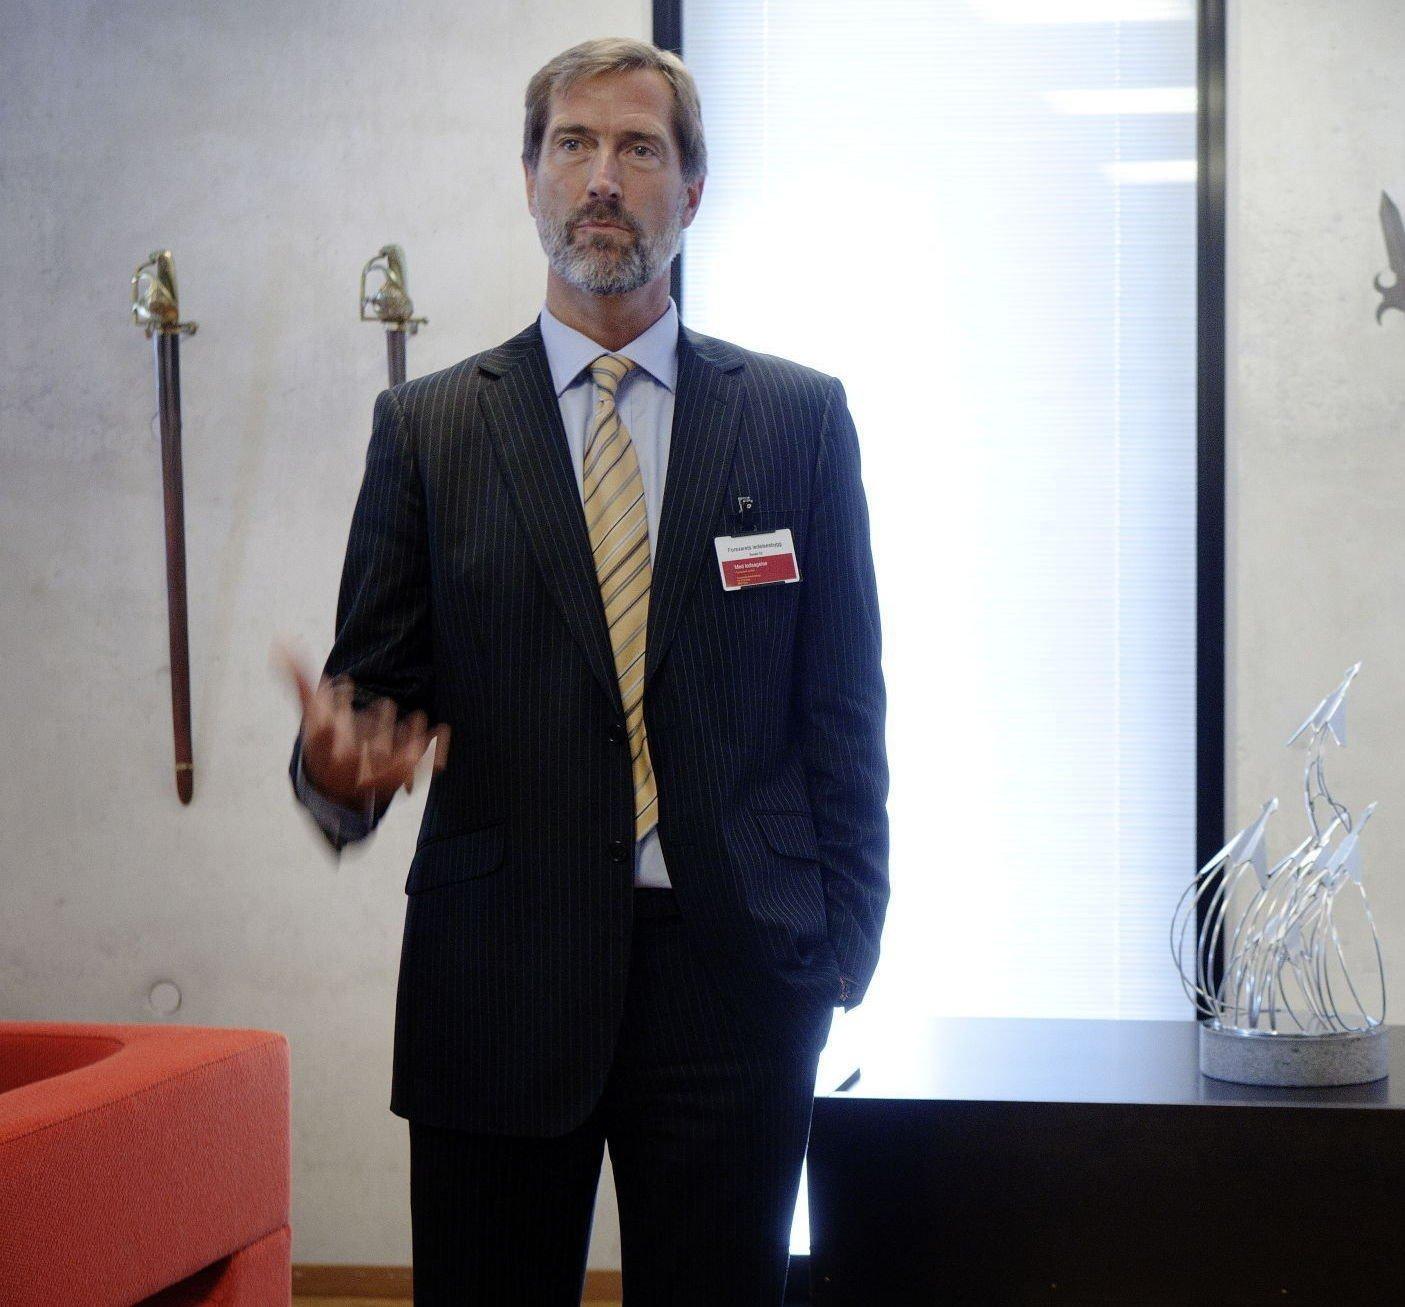 Walter Qvam er konsernsjef i Kongsberg Gruppen. Han ble utnevnt i stillingen i 2008, altså etter at kontraktene i Romania ble inngått.